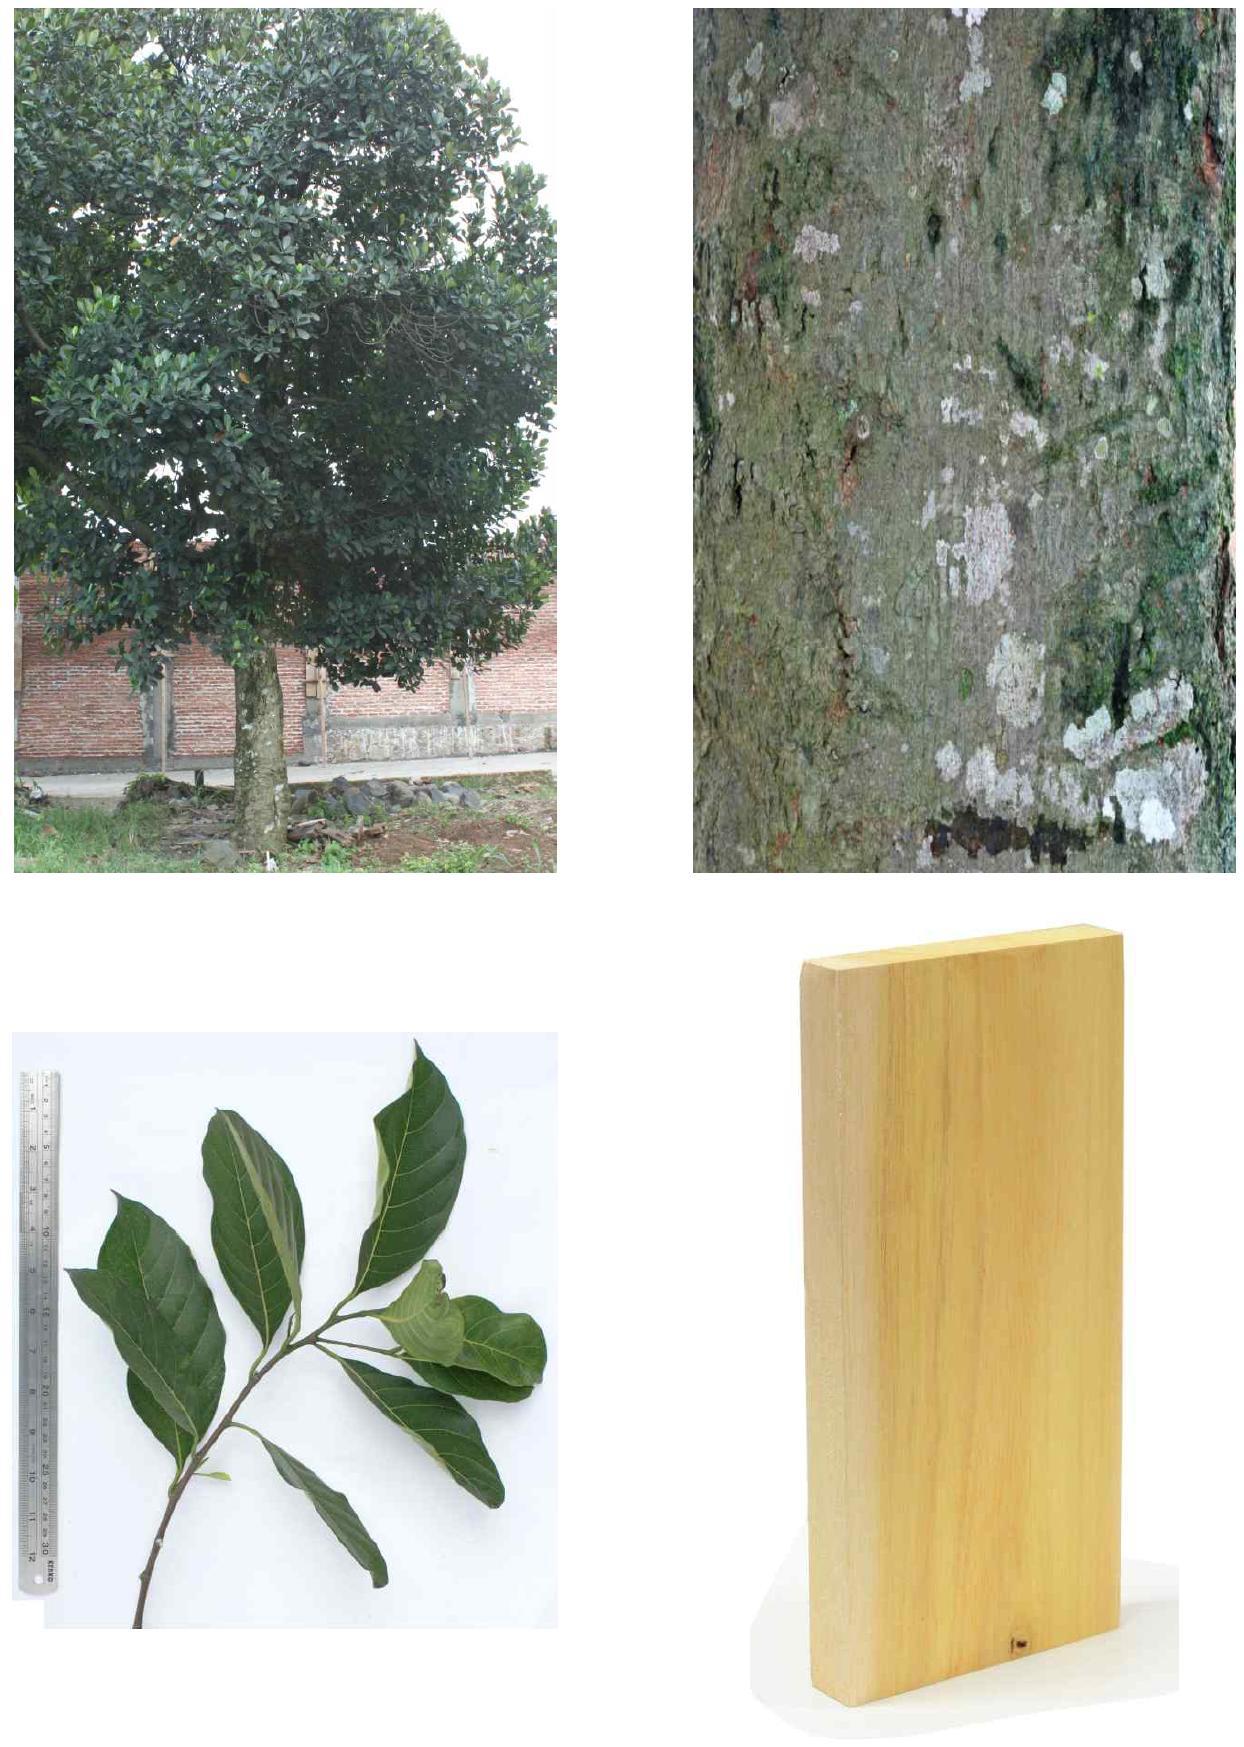 Nangka의 전체수형, 수피, 잎 및 재면.